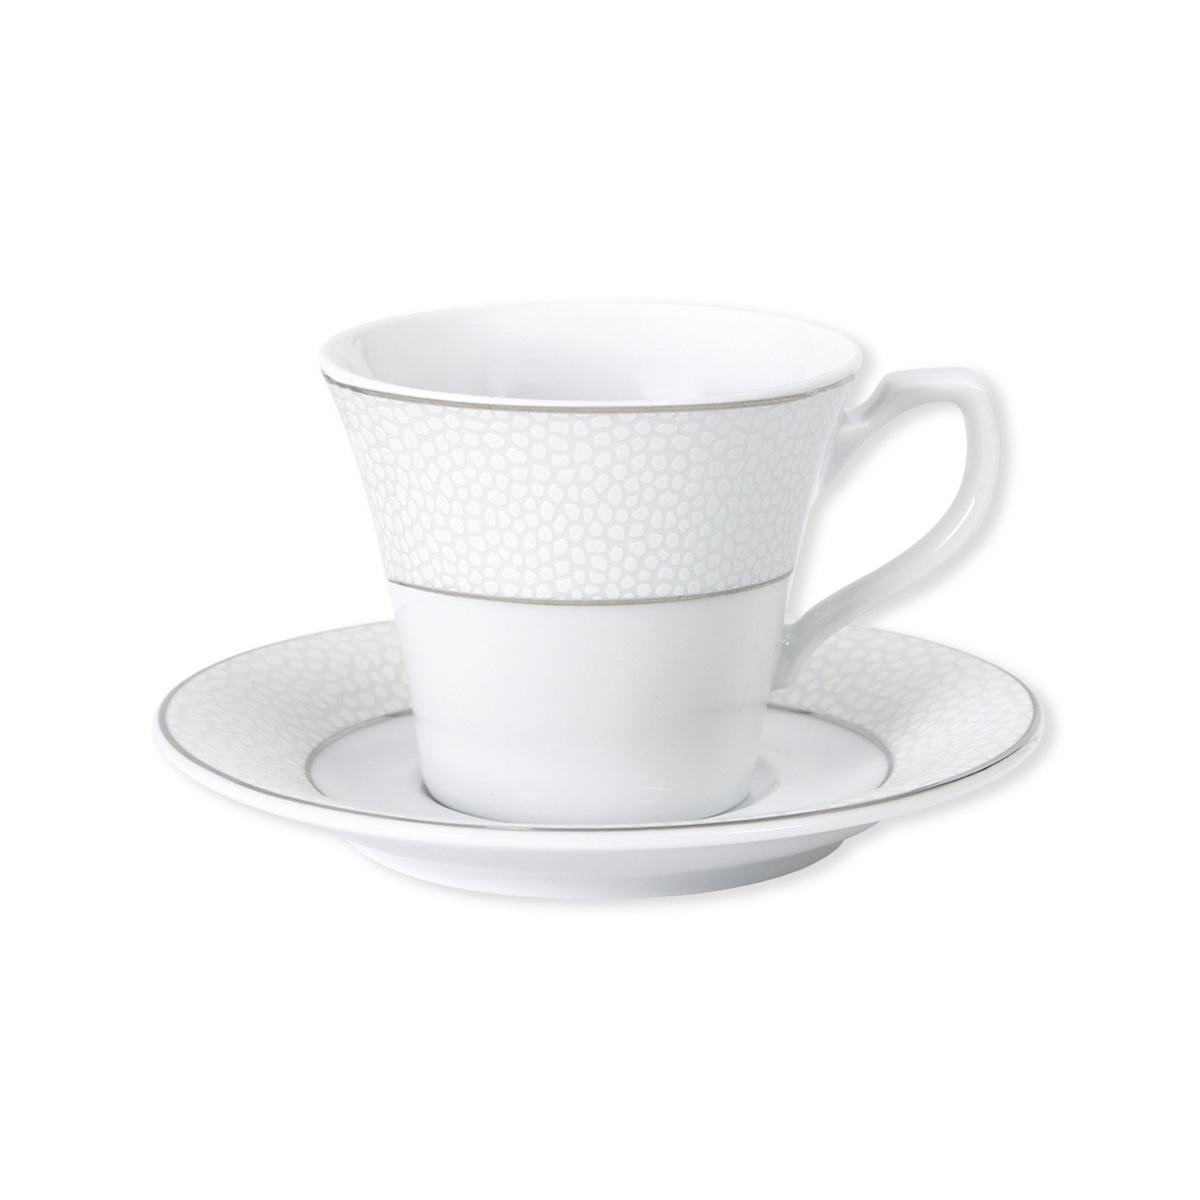 paire tasse th en porcelaine design vaisselle tendance et chic. Black Bedroom Furniture Sets. Home Design Ideas